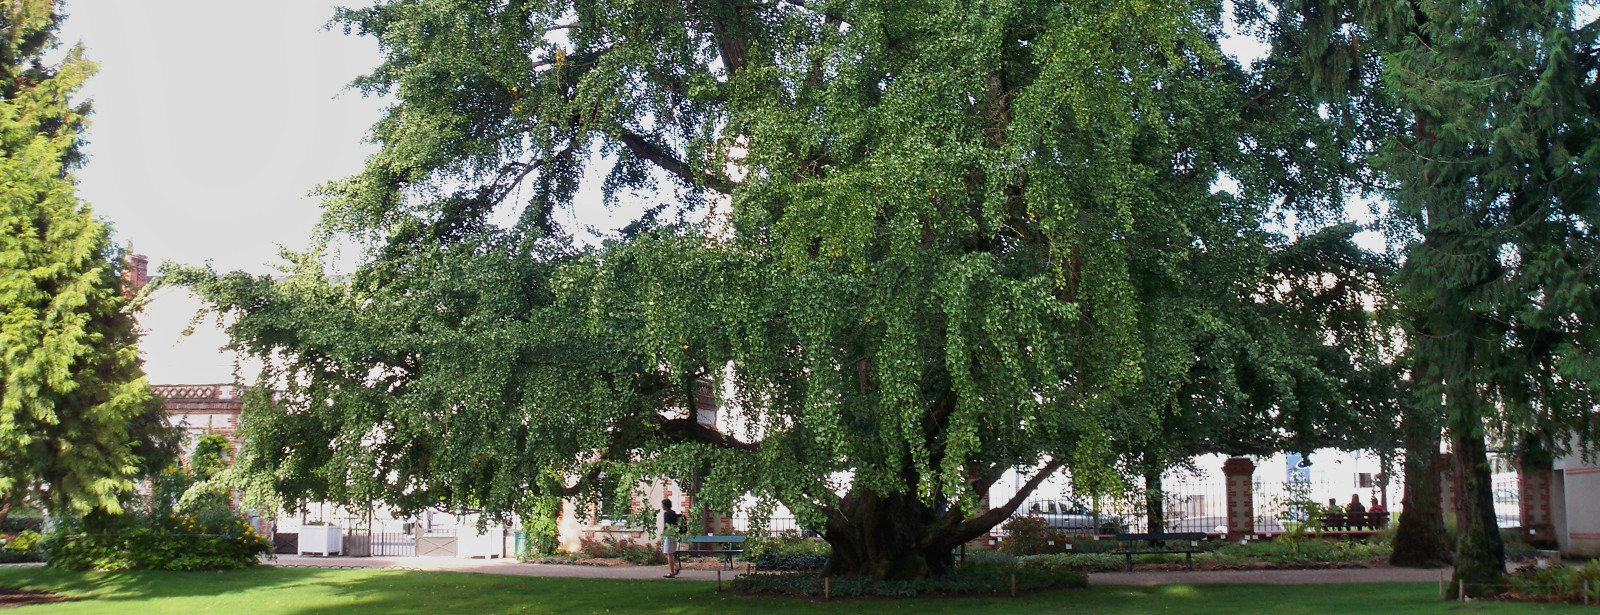 Beaux arbres elagage et entretien de jardin d p 37 41 for Elagage entretien jardin